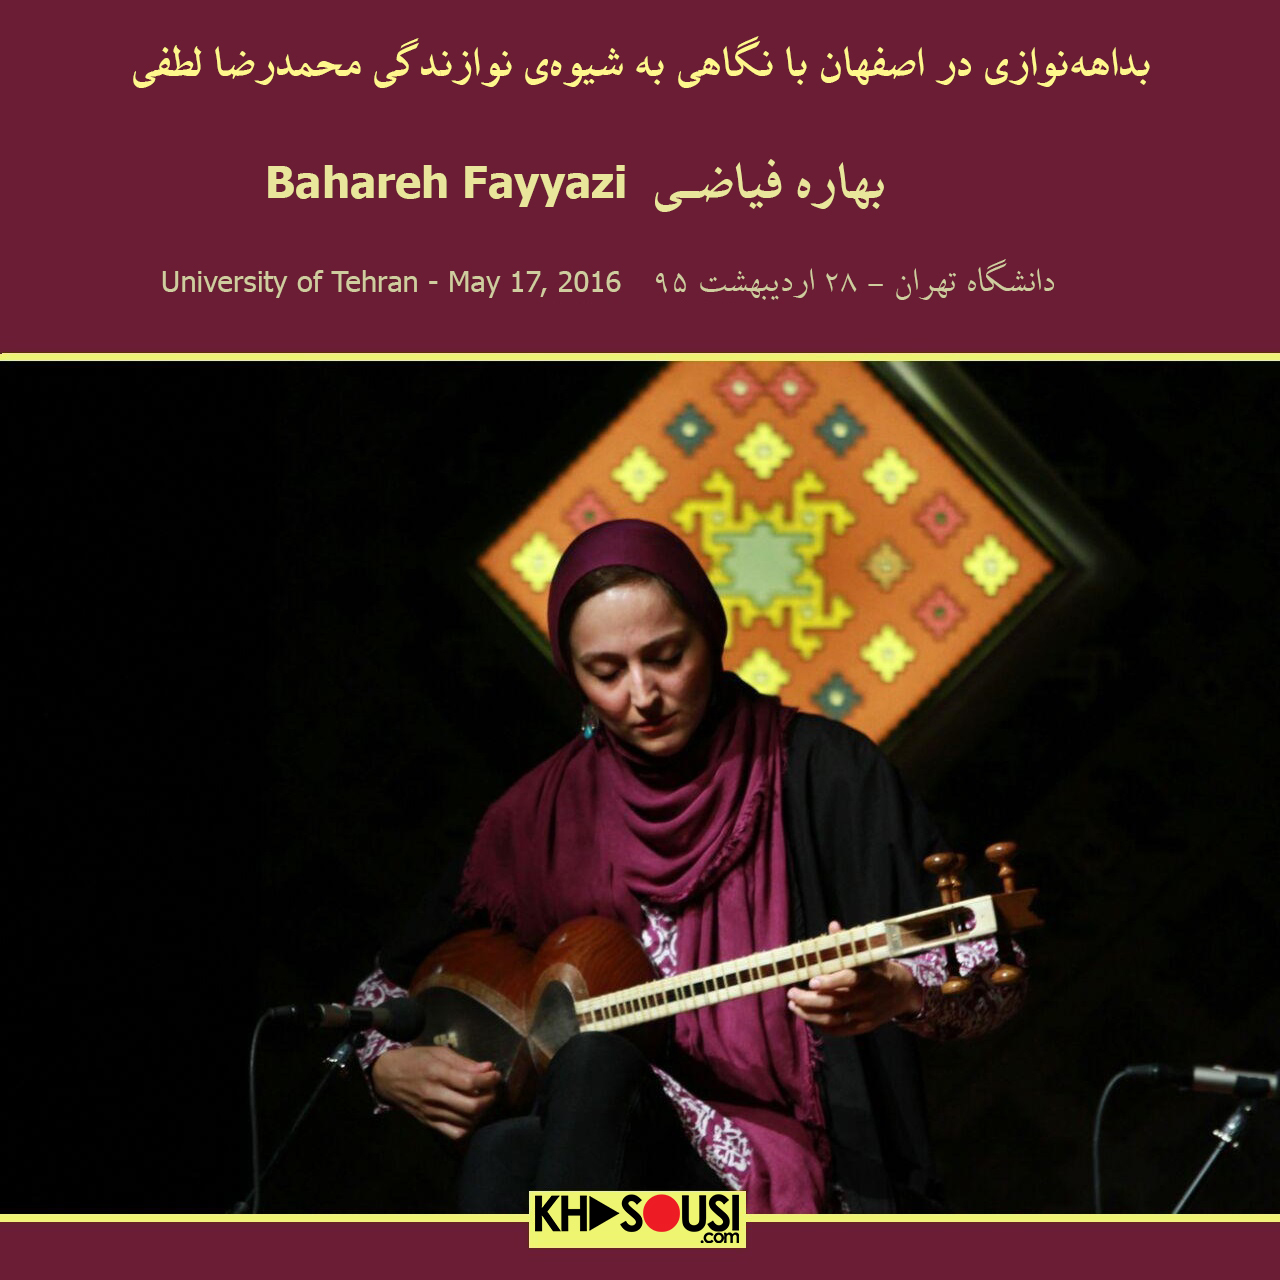 بداههنوازی در اصفهان به شیوهی نوازندگی محمدرضا لطفی - بهاره فیاضی